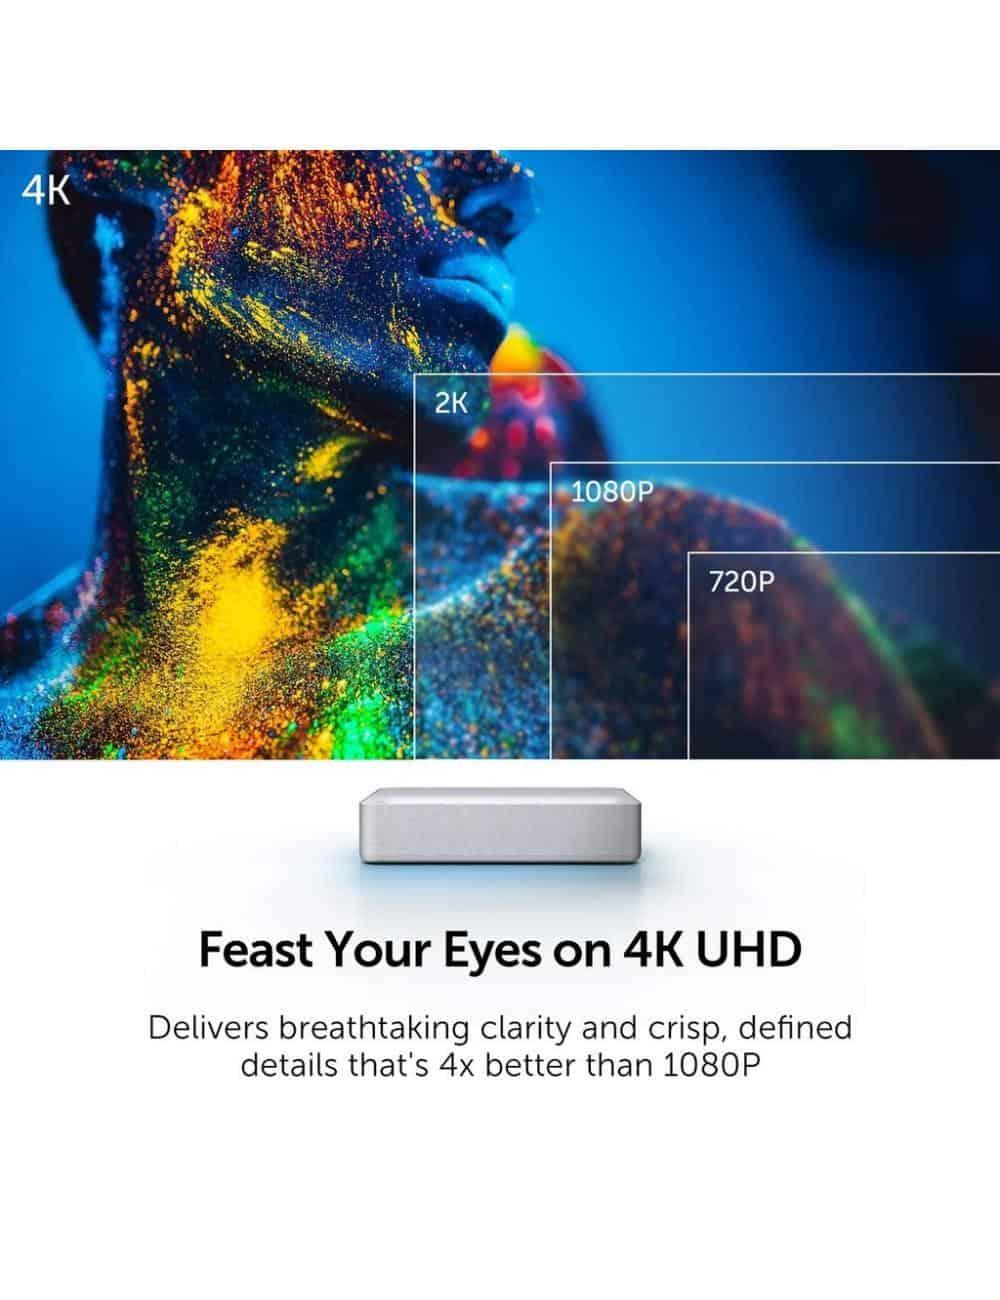 proiettore laser a tiro ultracorto home cinema 4K HDR, Vava 4K UST Laser TV, risoluzione UHD